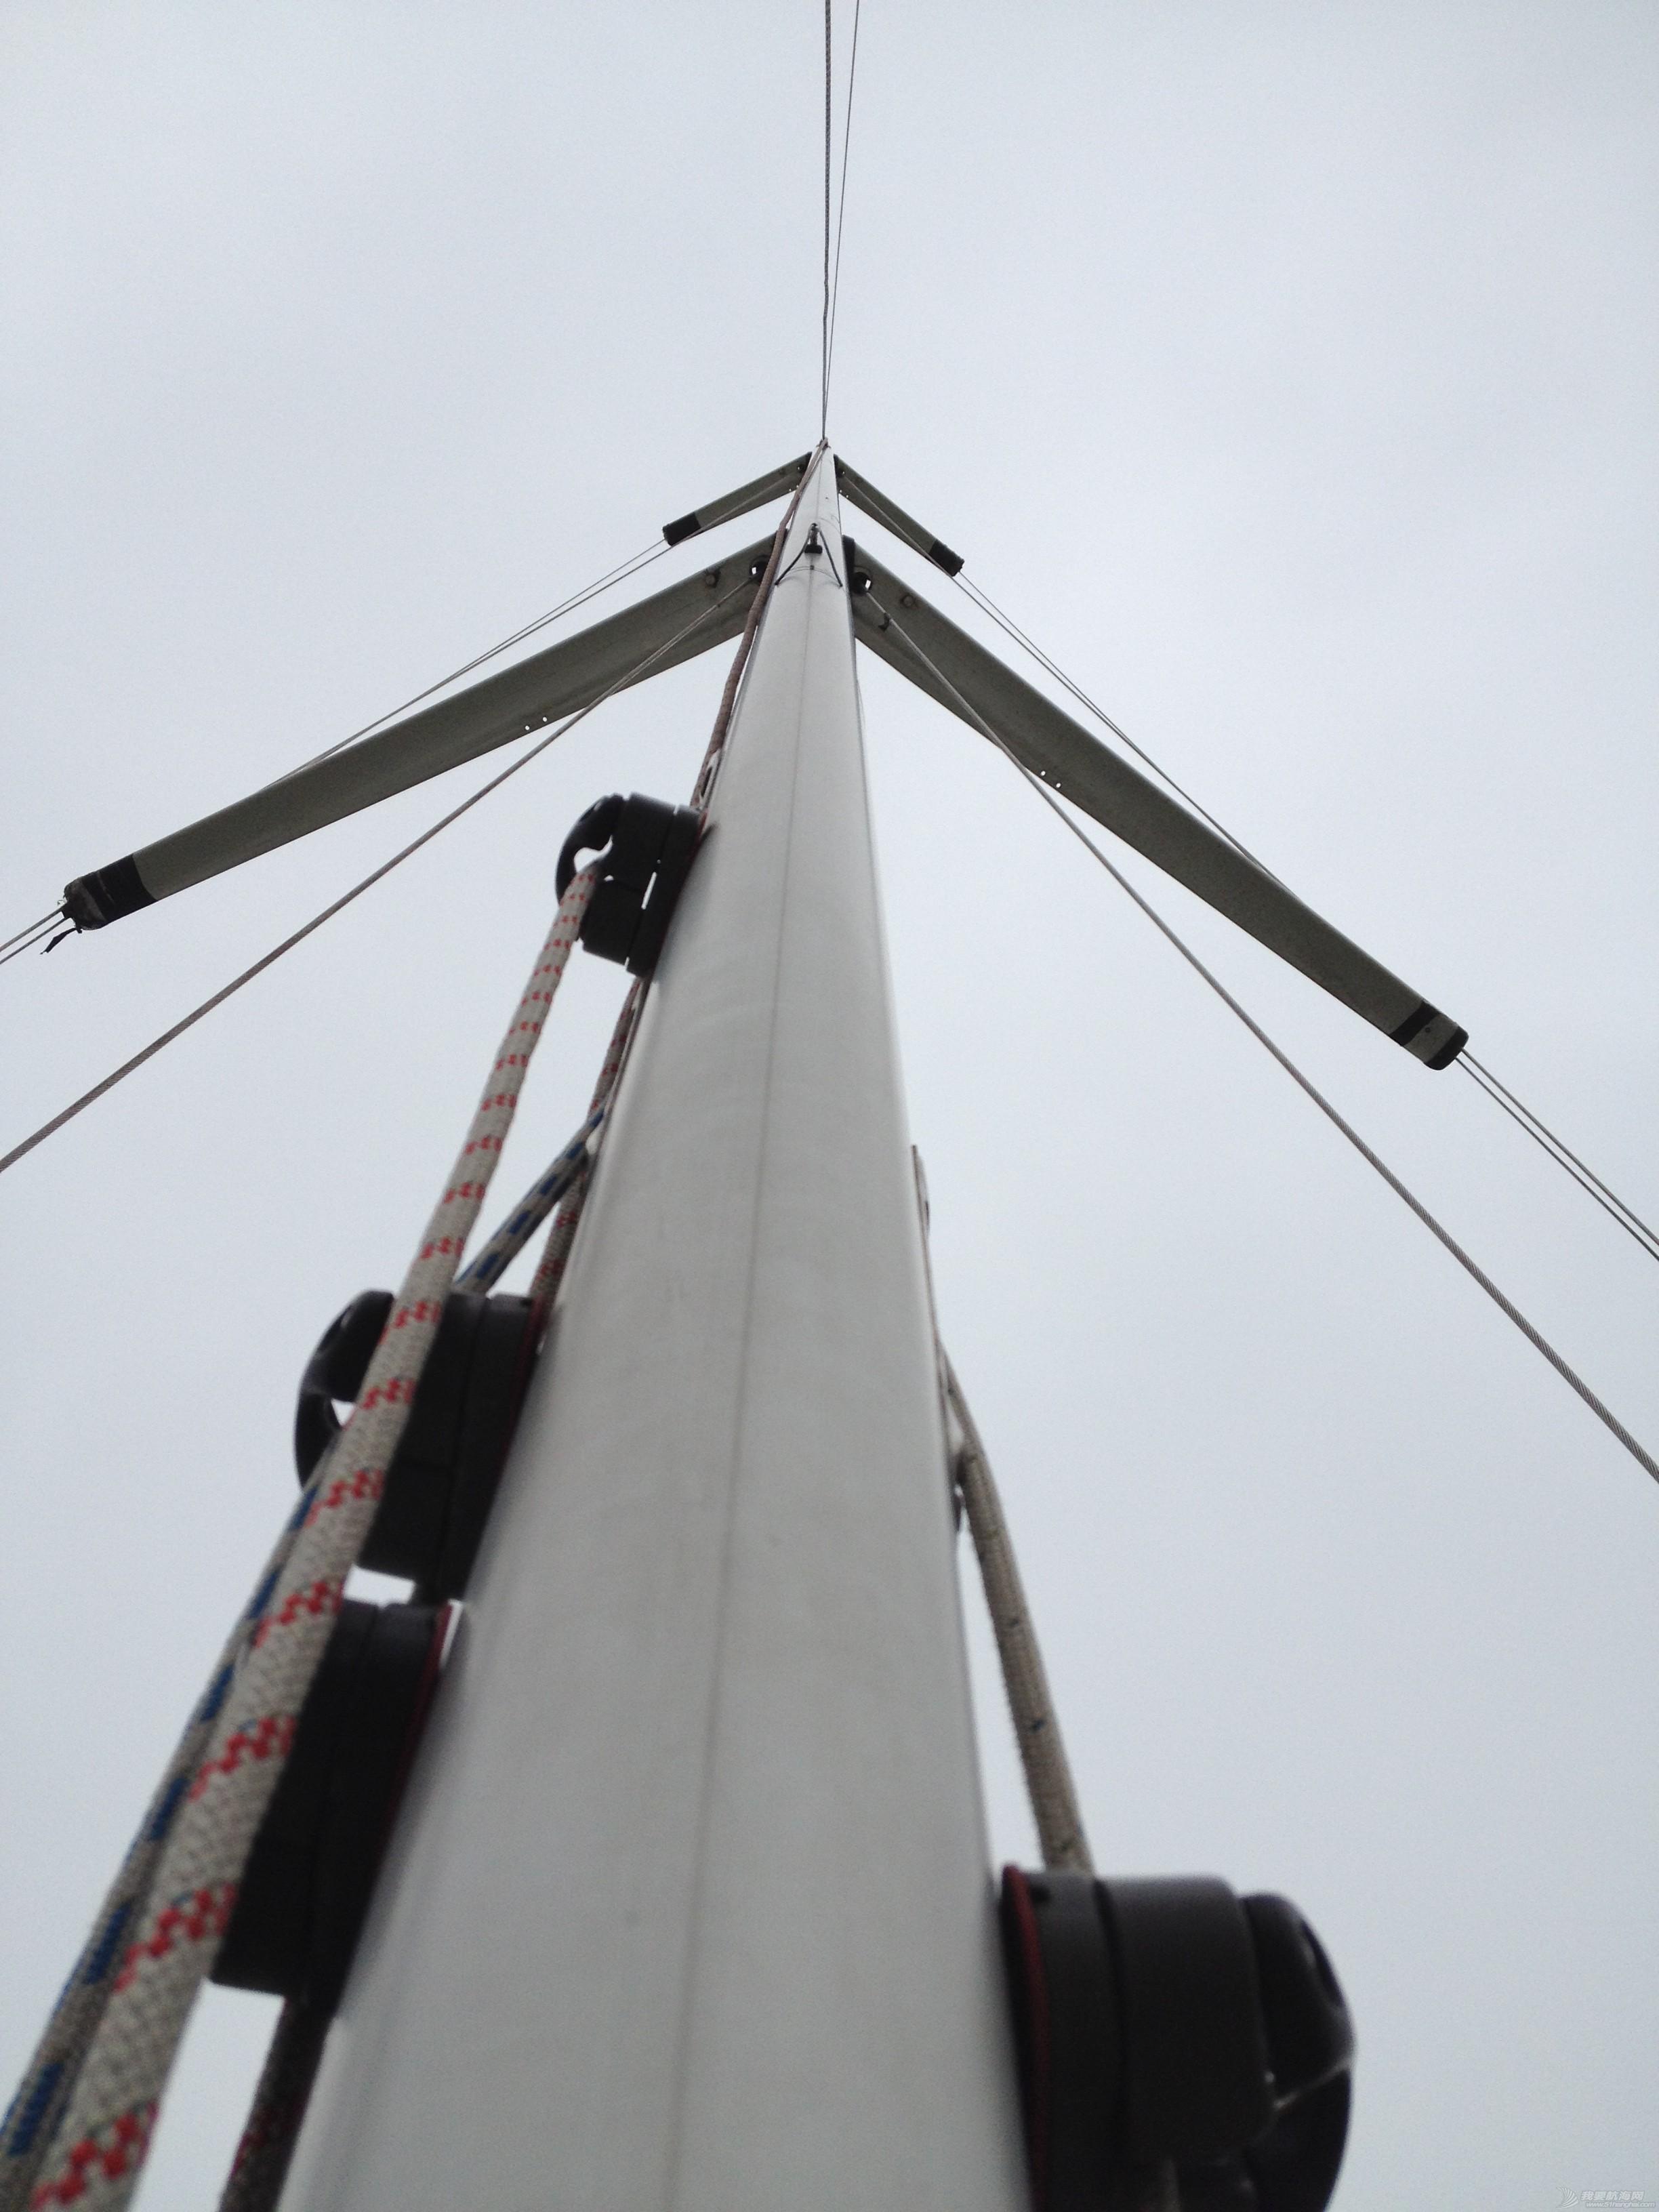 金鸡,苏州 苏州金鸡湖帆船赛-我的处女赛 IMG_2954.JPG